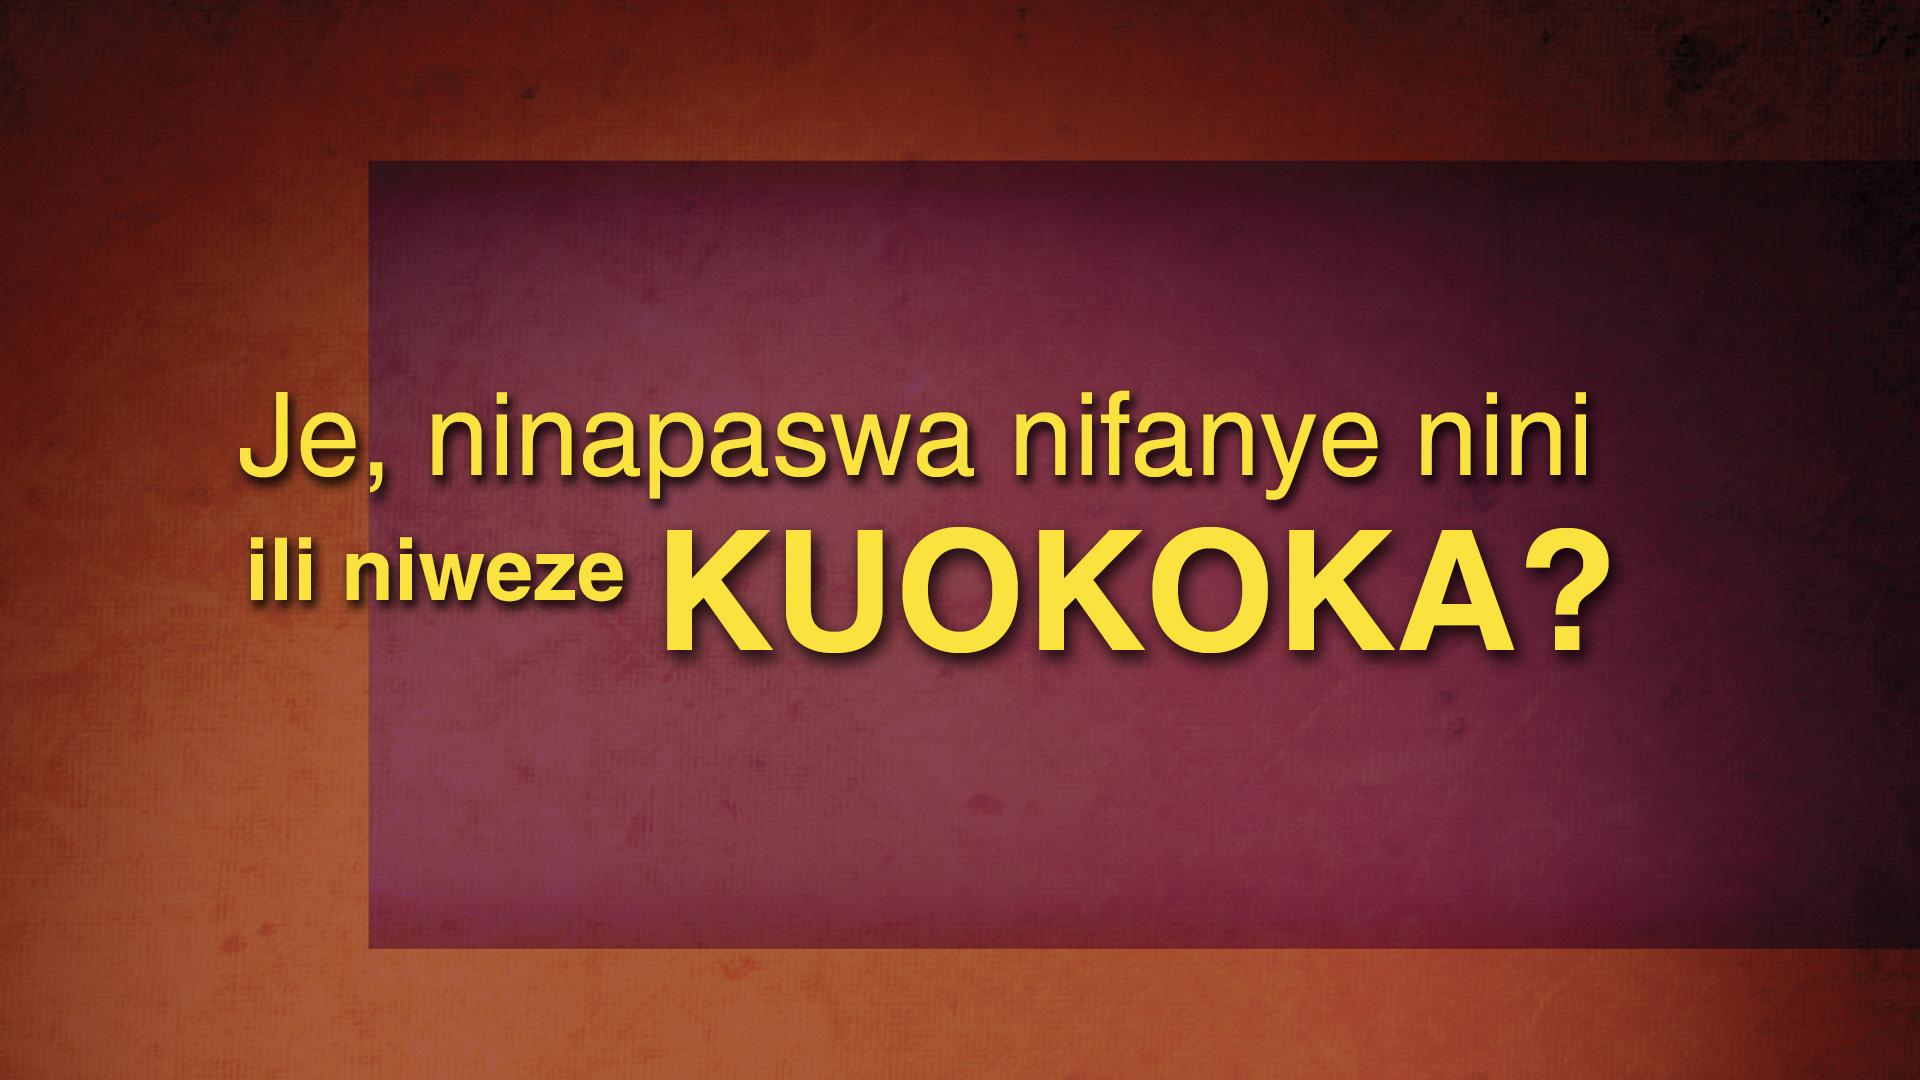 Je, Ninapaswa Nifanye Nini Ili Niweze Kuokoka? (What Must I Do To Be Saved?) - Swahili Version